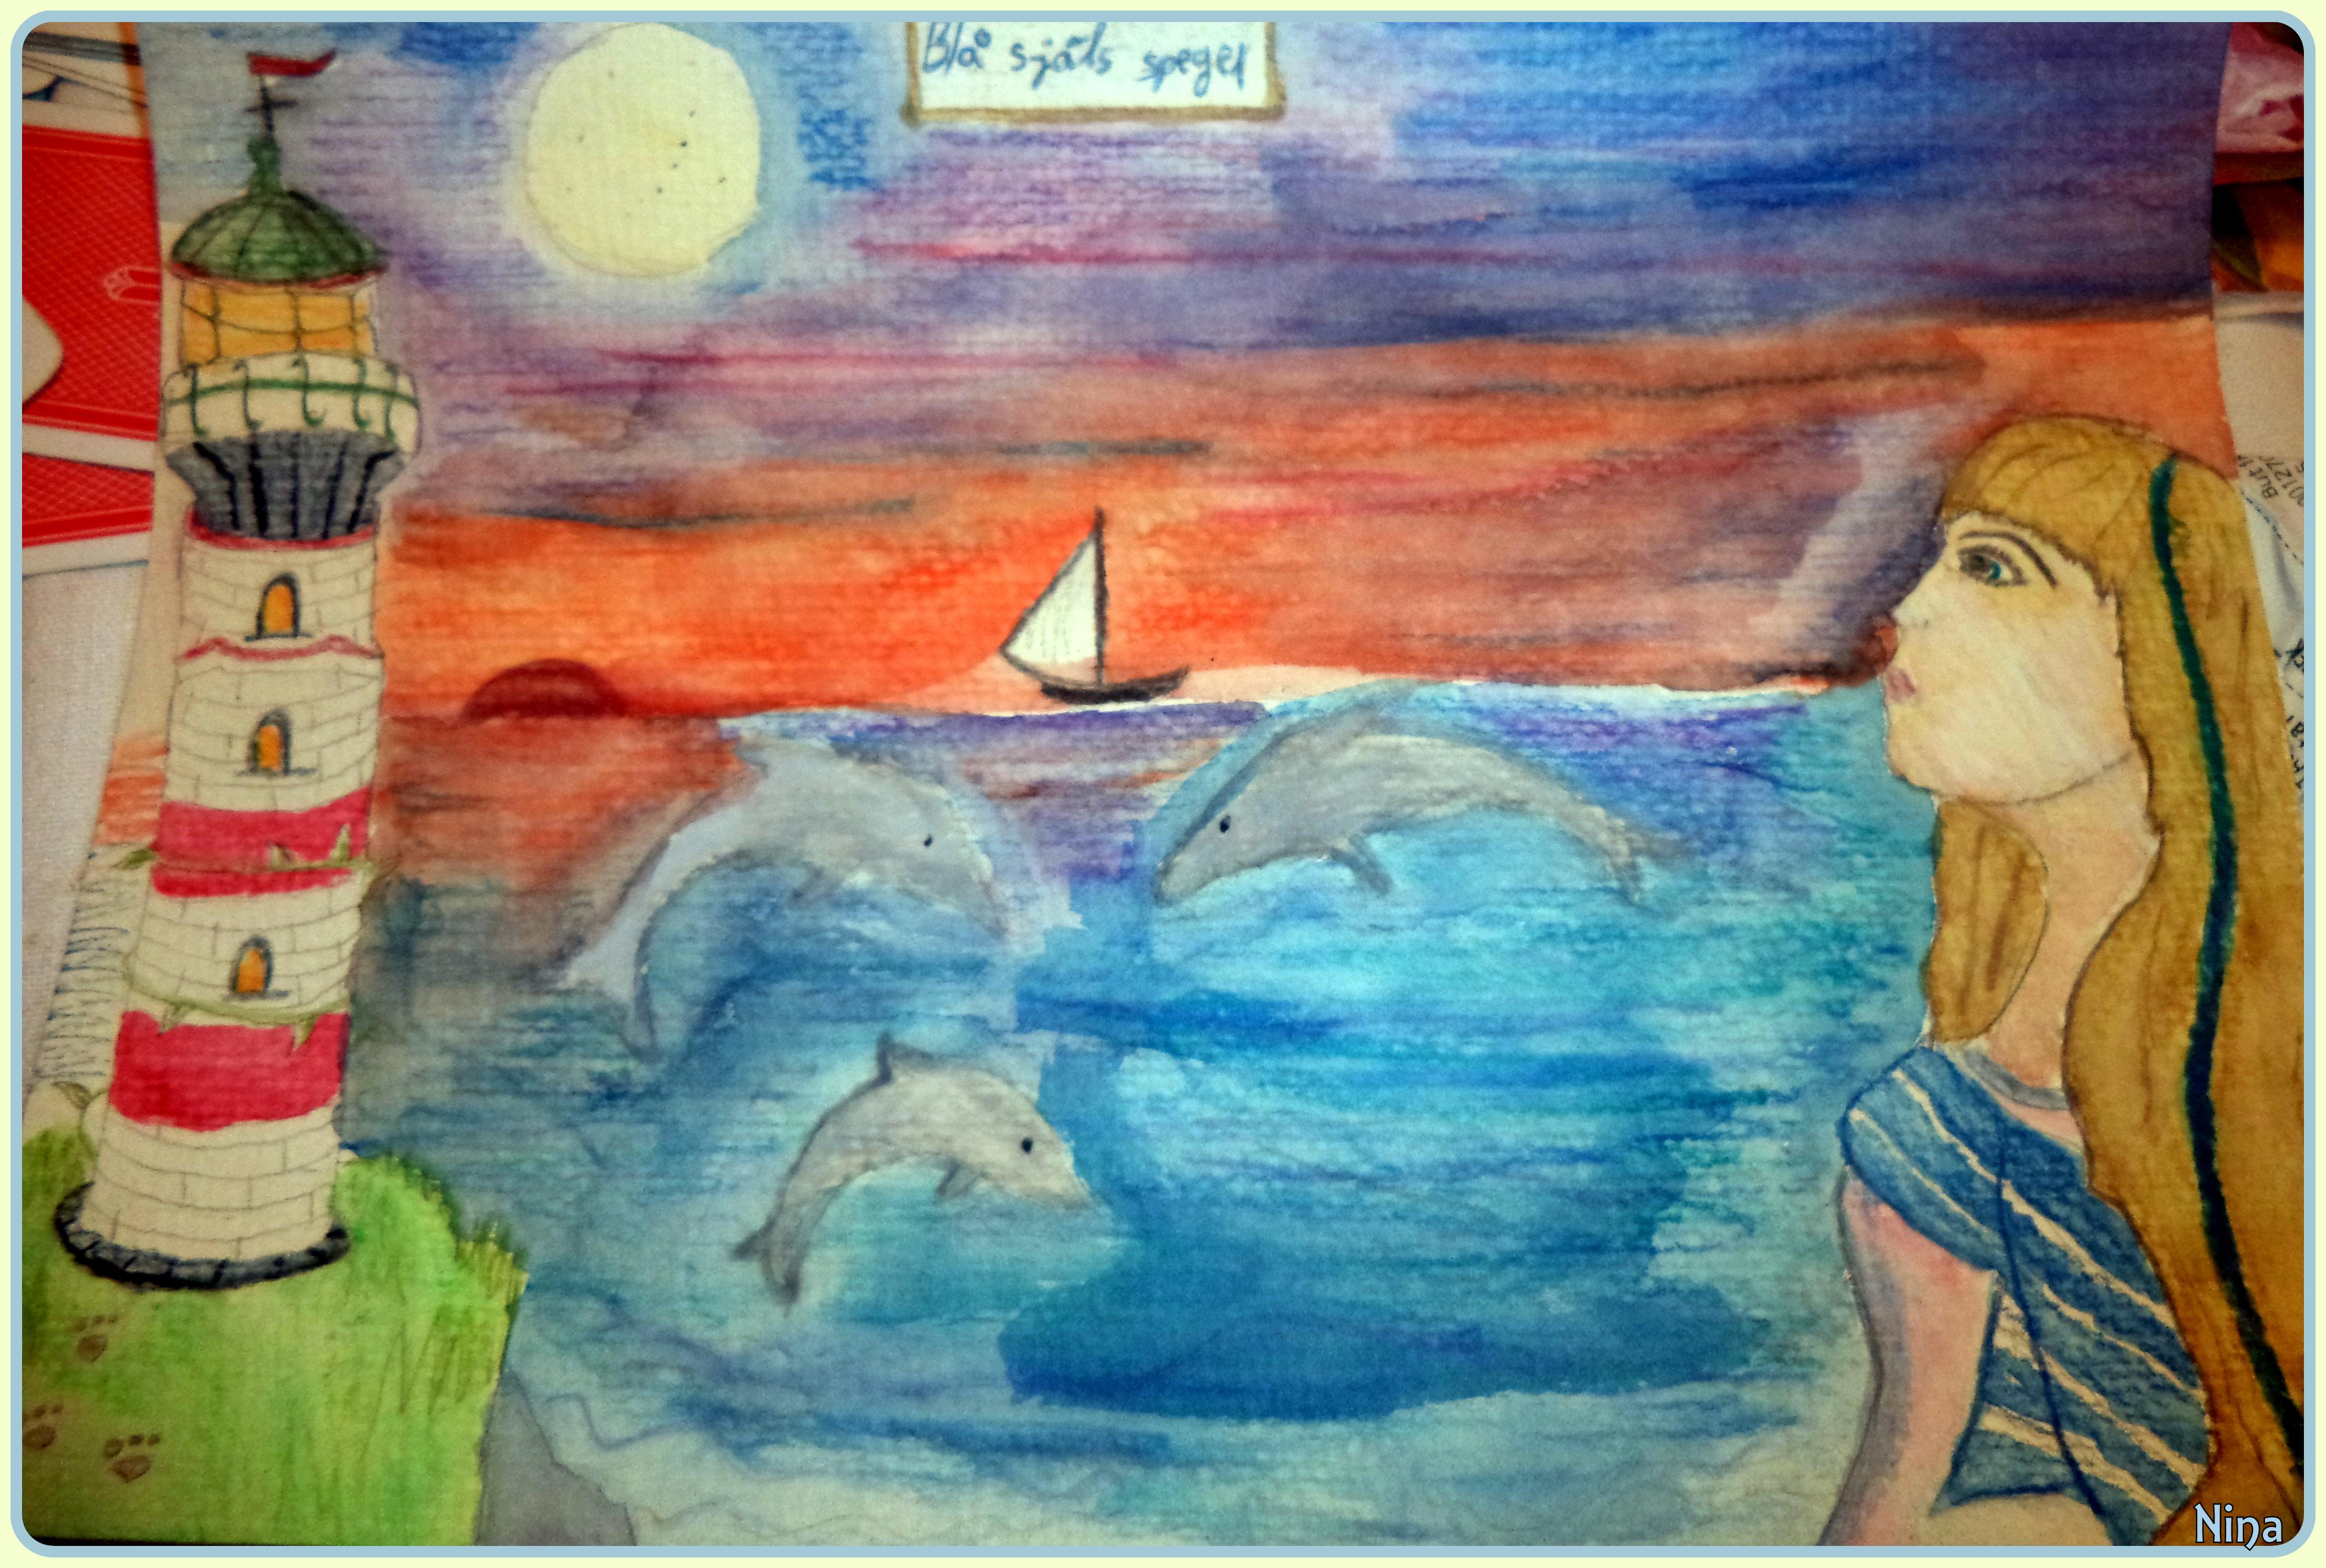 En färgstark akvarellteckning jag gjorde i mars, fiskens månad inom astrologin. Därav titeln på målningen och det havsinspirerade temat.